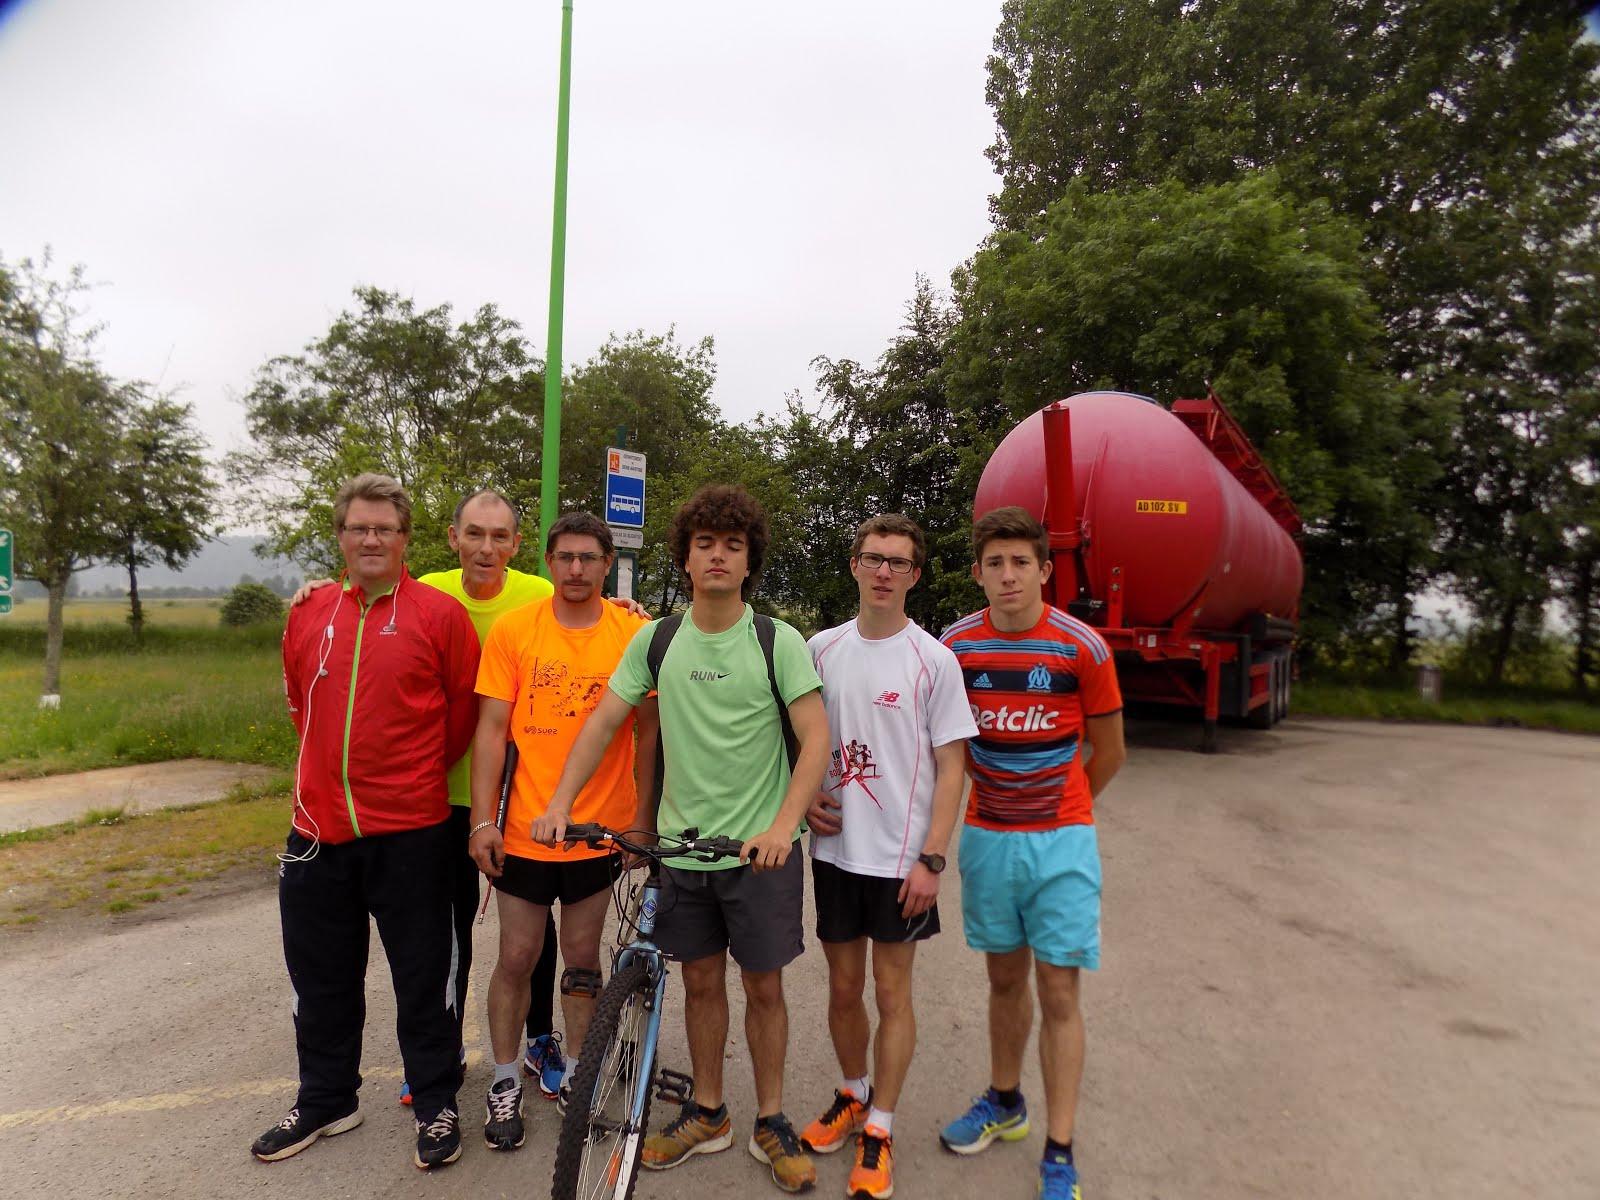 dimanche matin,sortie pour certains athlétes du pont de brotonne à yvetot(16km)